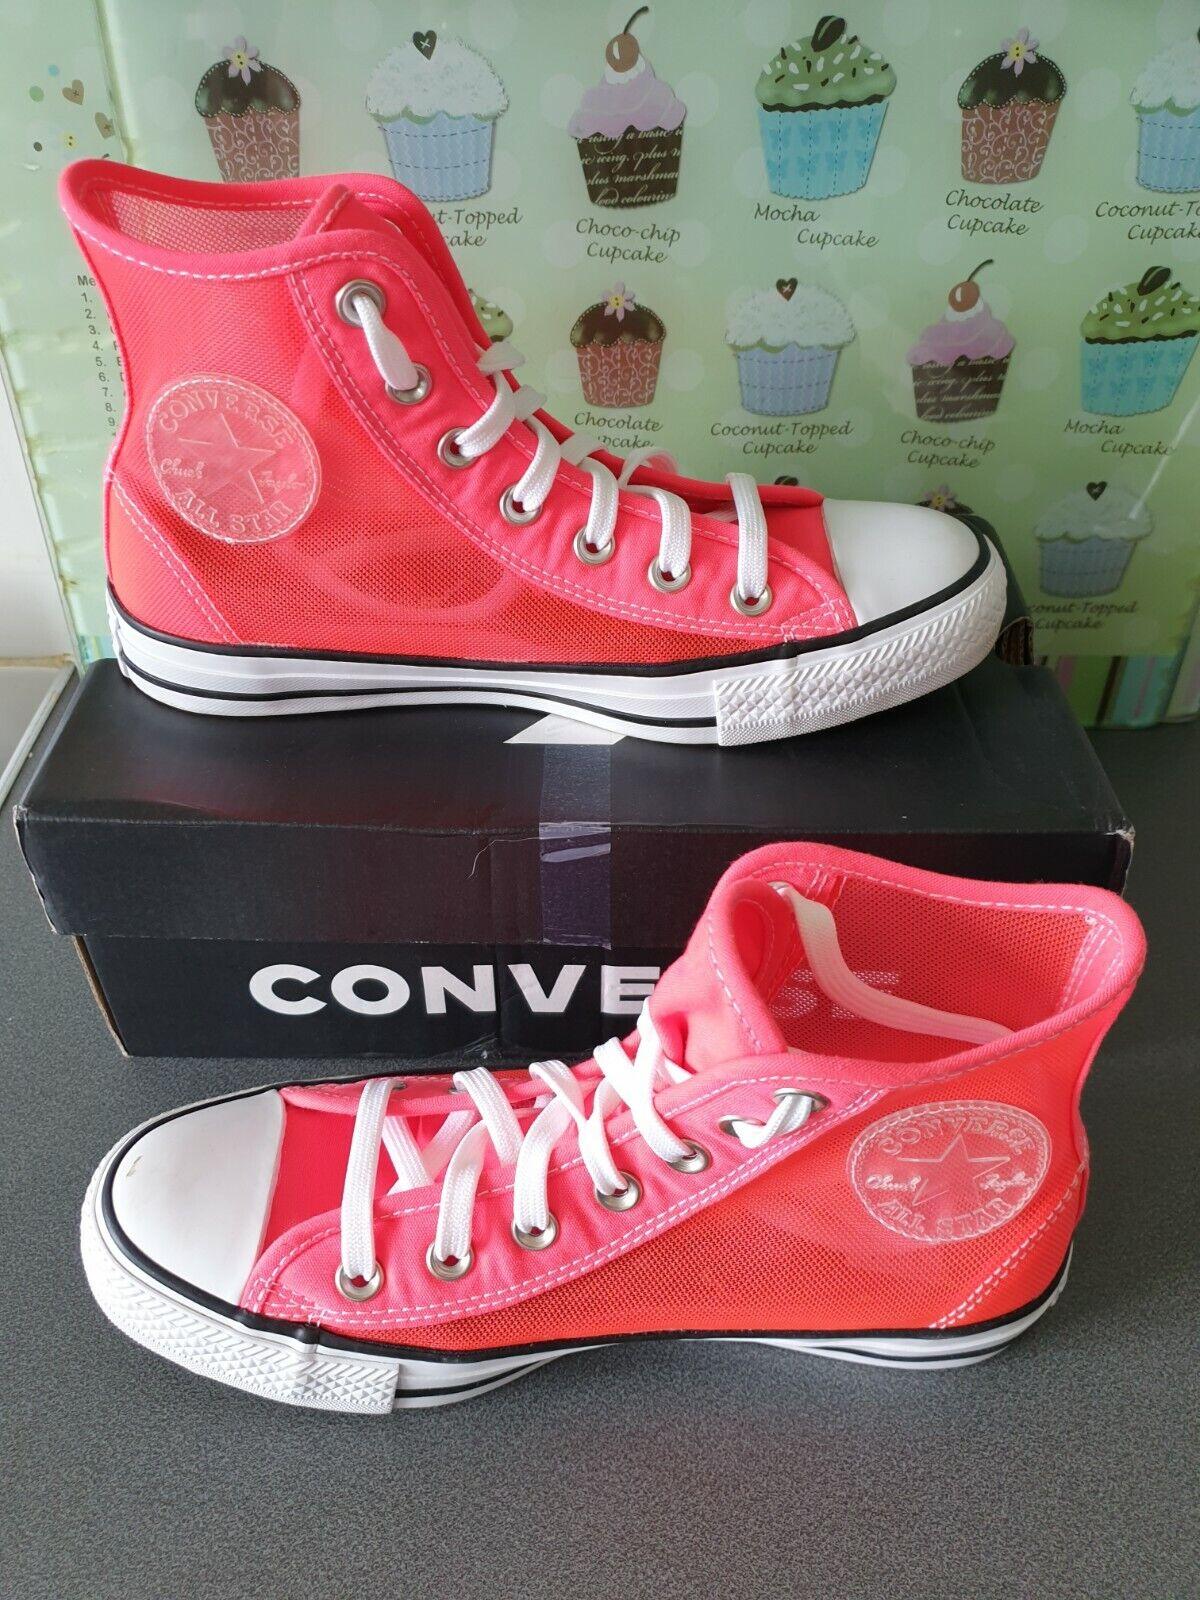 ** portée deux fois ** femme rose transparent maille Converse All Star taille 5